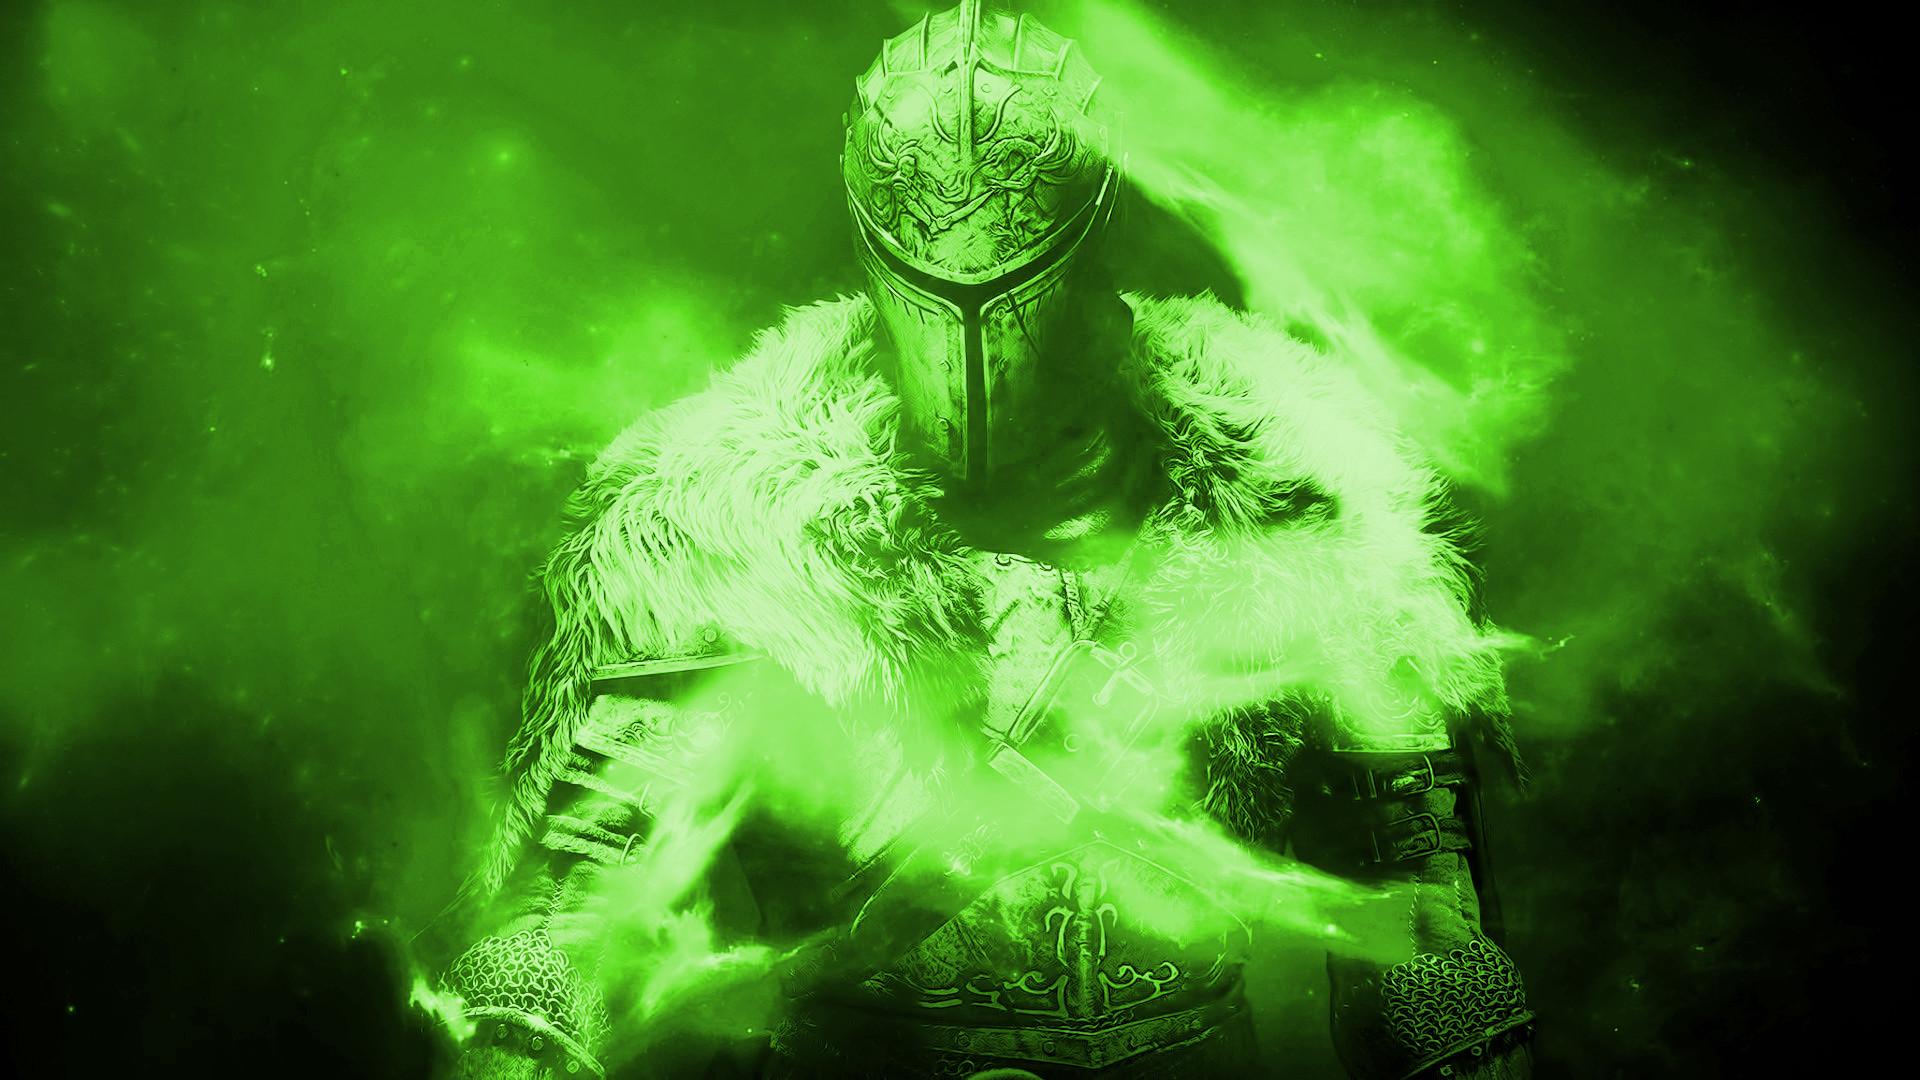 Flame Knight green by reeboker Flame Knight green by reeboker